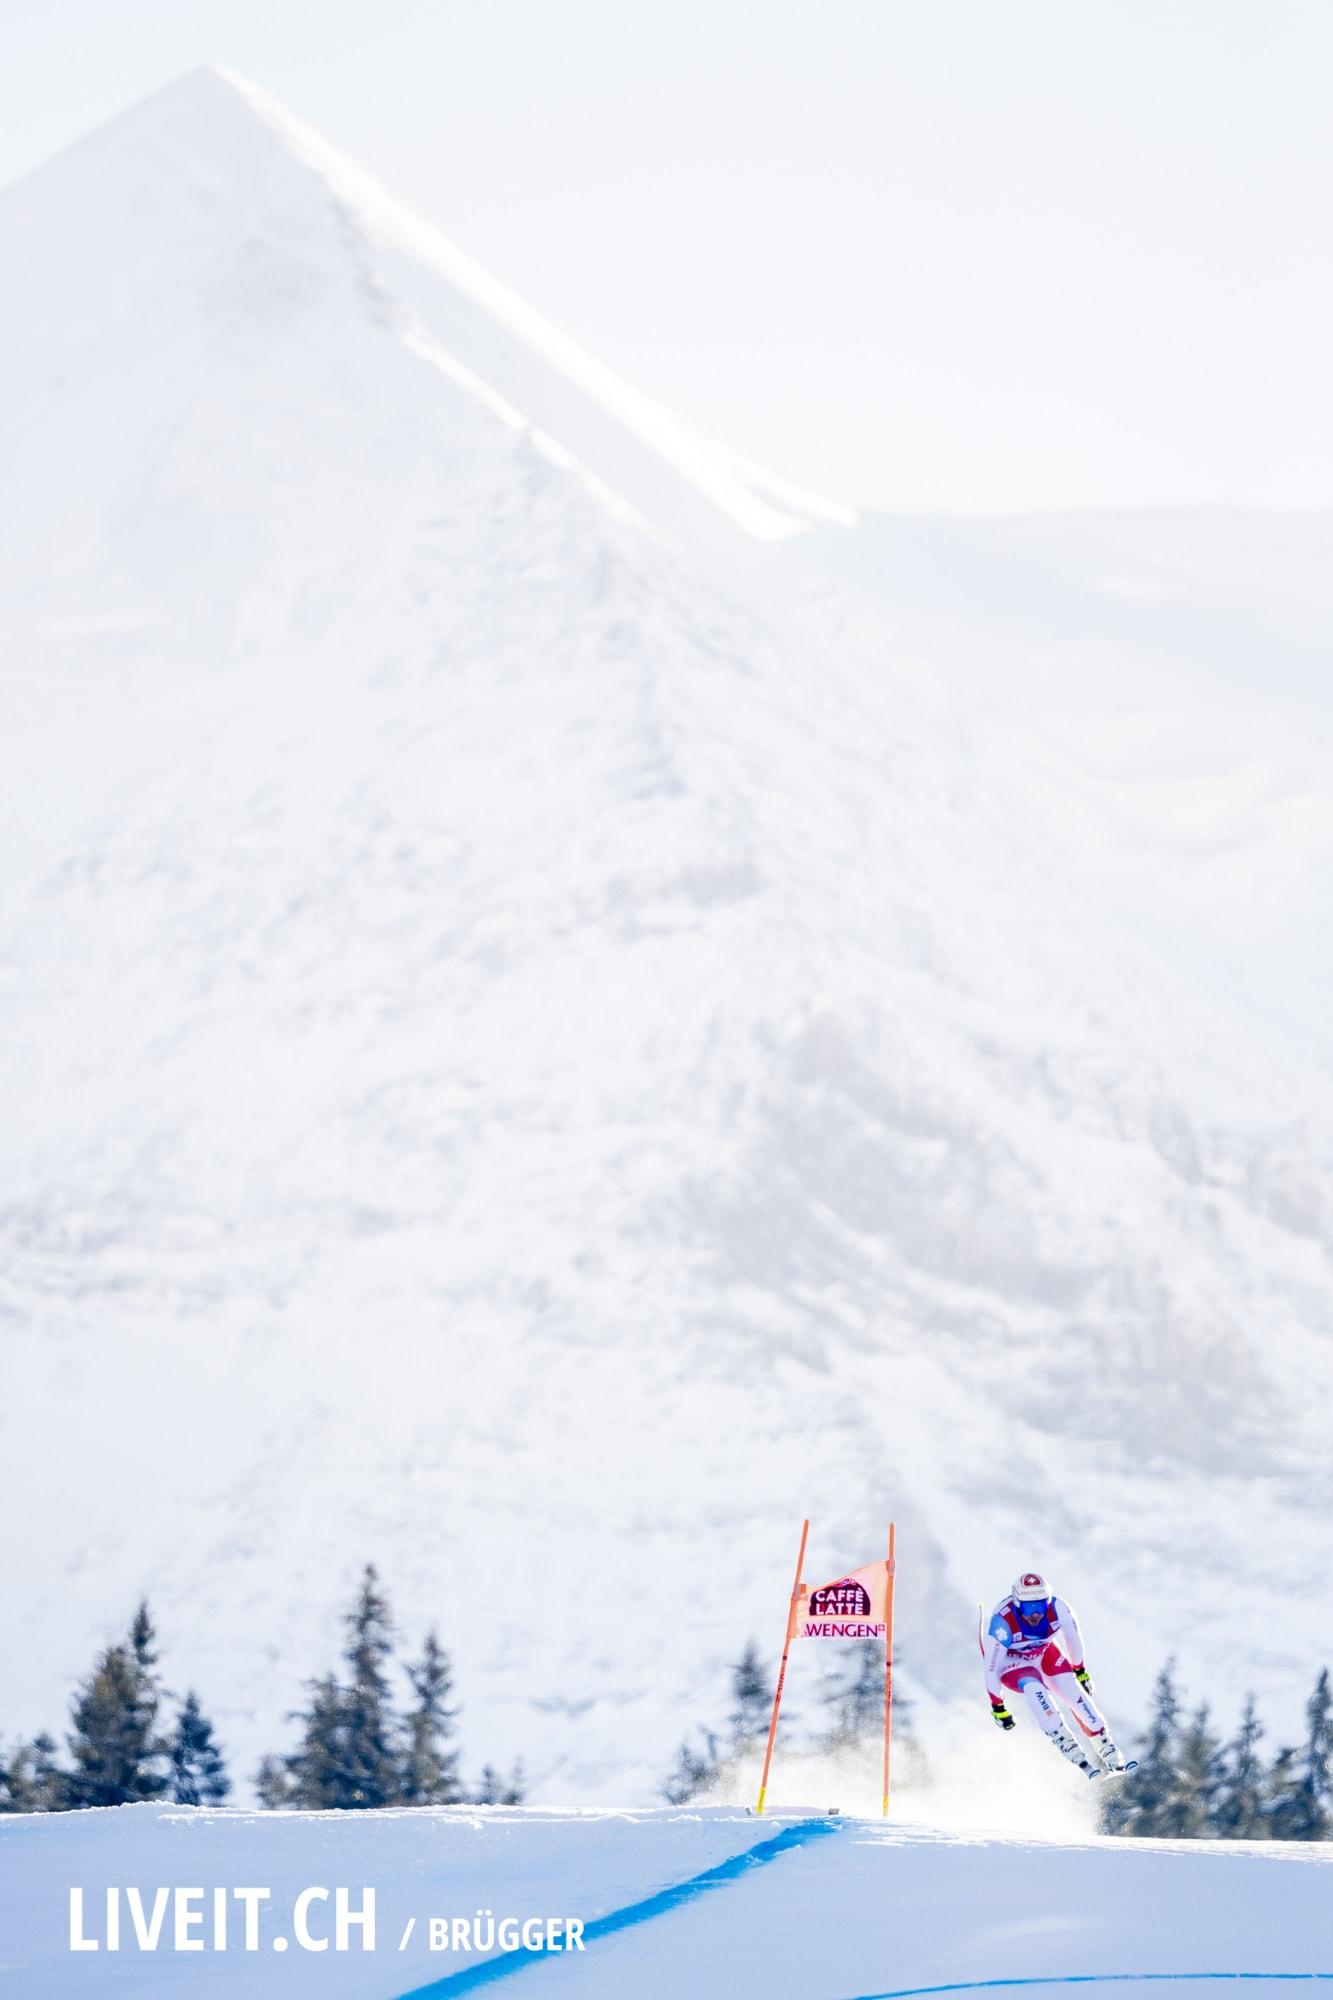 Beat Feuz (SUI) fotografiert am Samstag, 19. Januar 2019 am Lauberhornrennen in der Disziplin: Abfahrt. (Fotografiert von Dominic Bruegger liveit.ch)